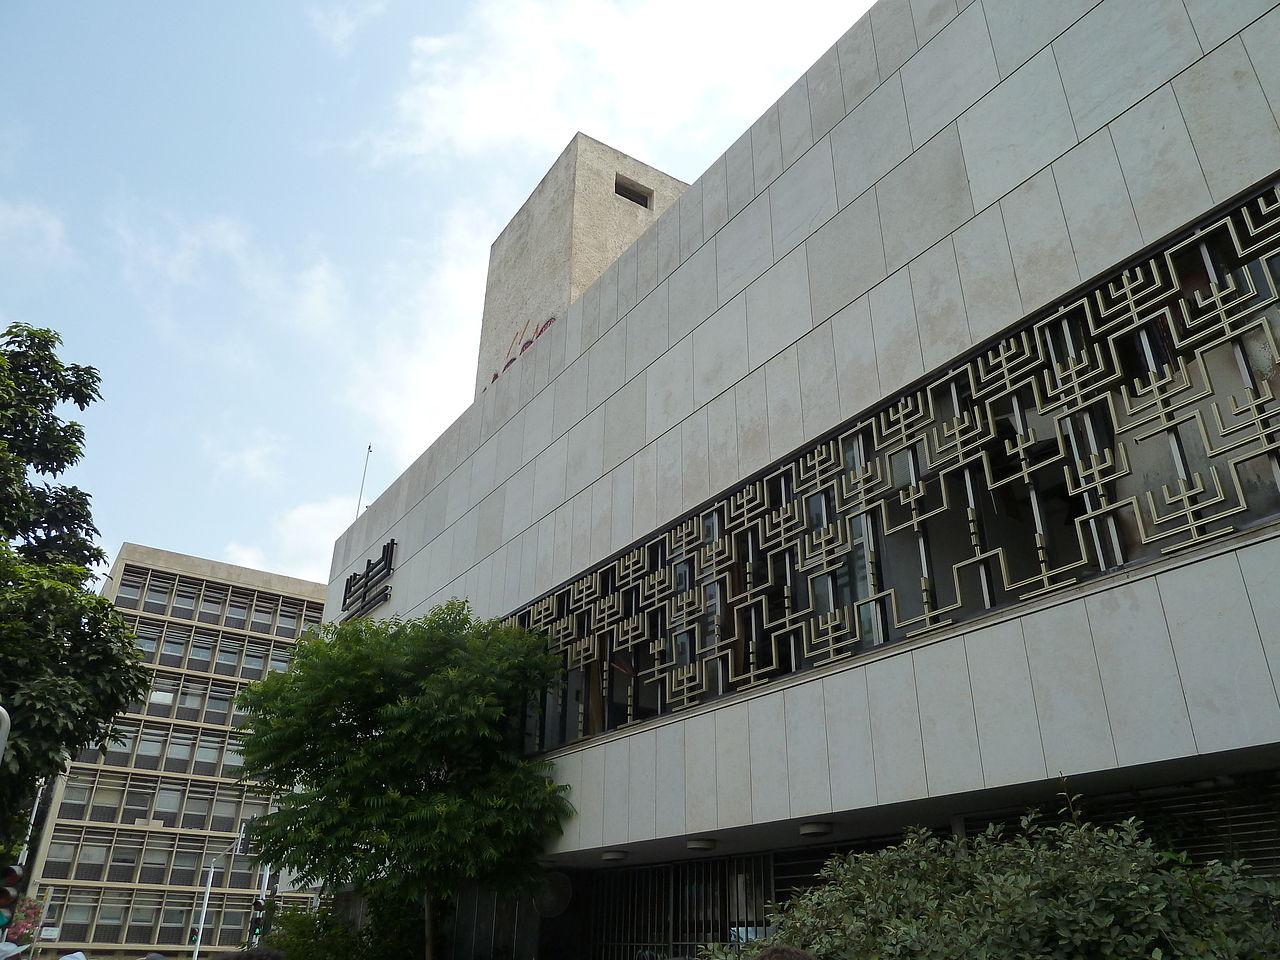 B'nai B'rith House (Beit B'nai B'rith) in Tel Aviv